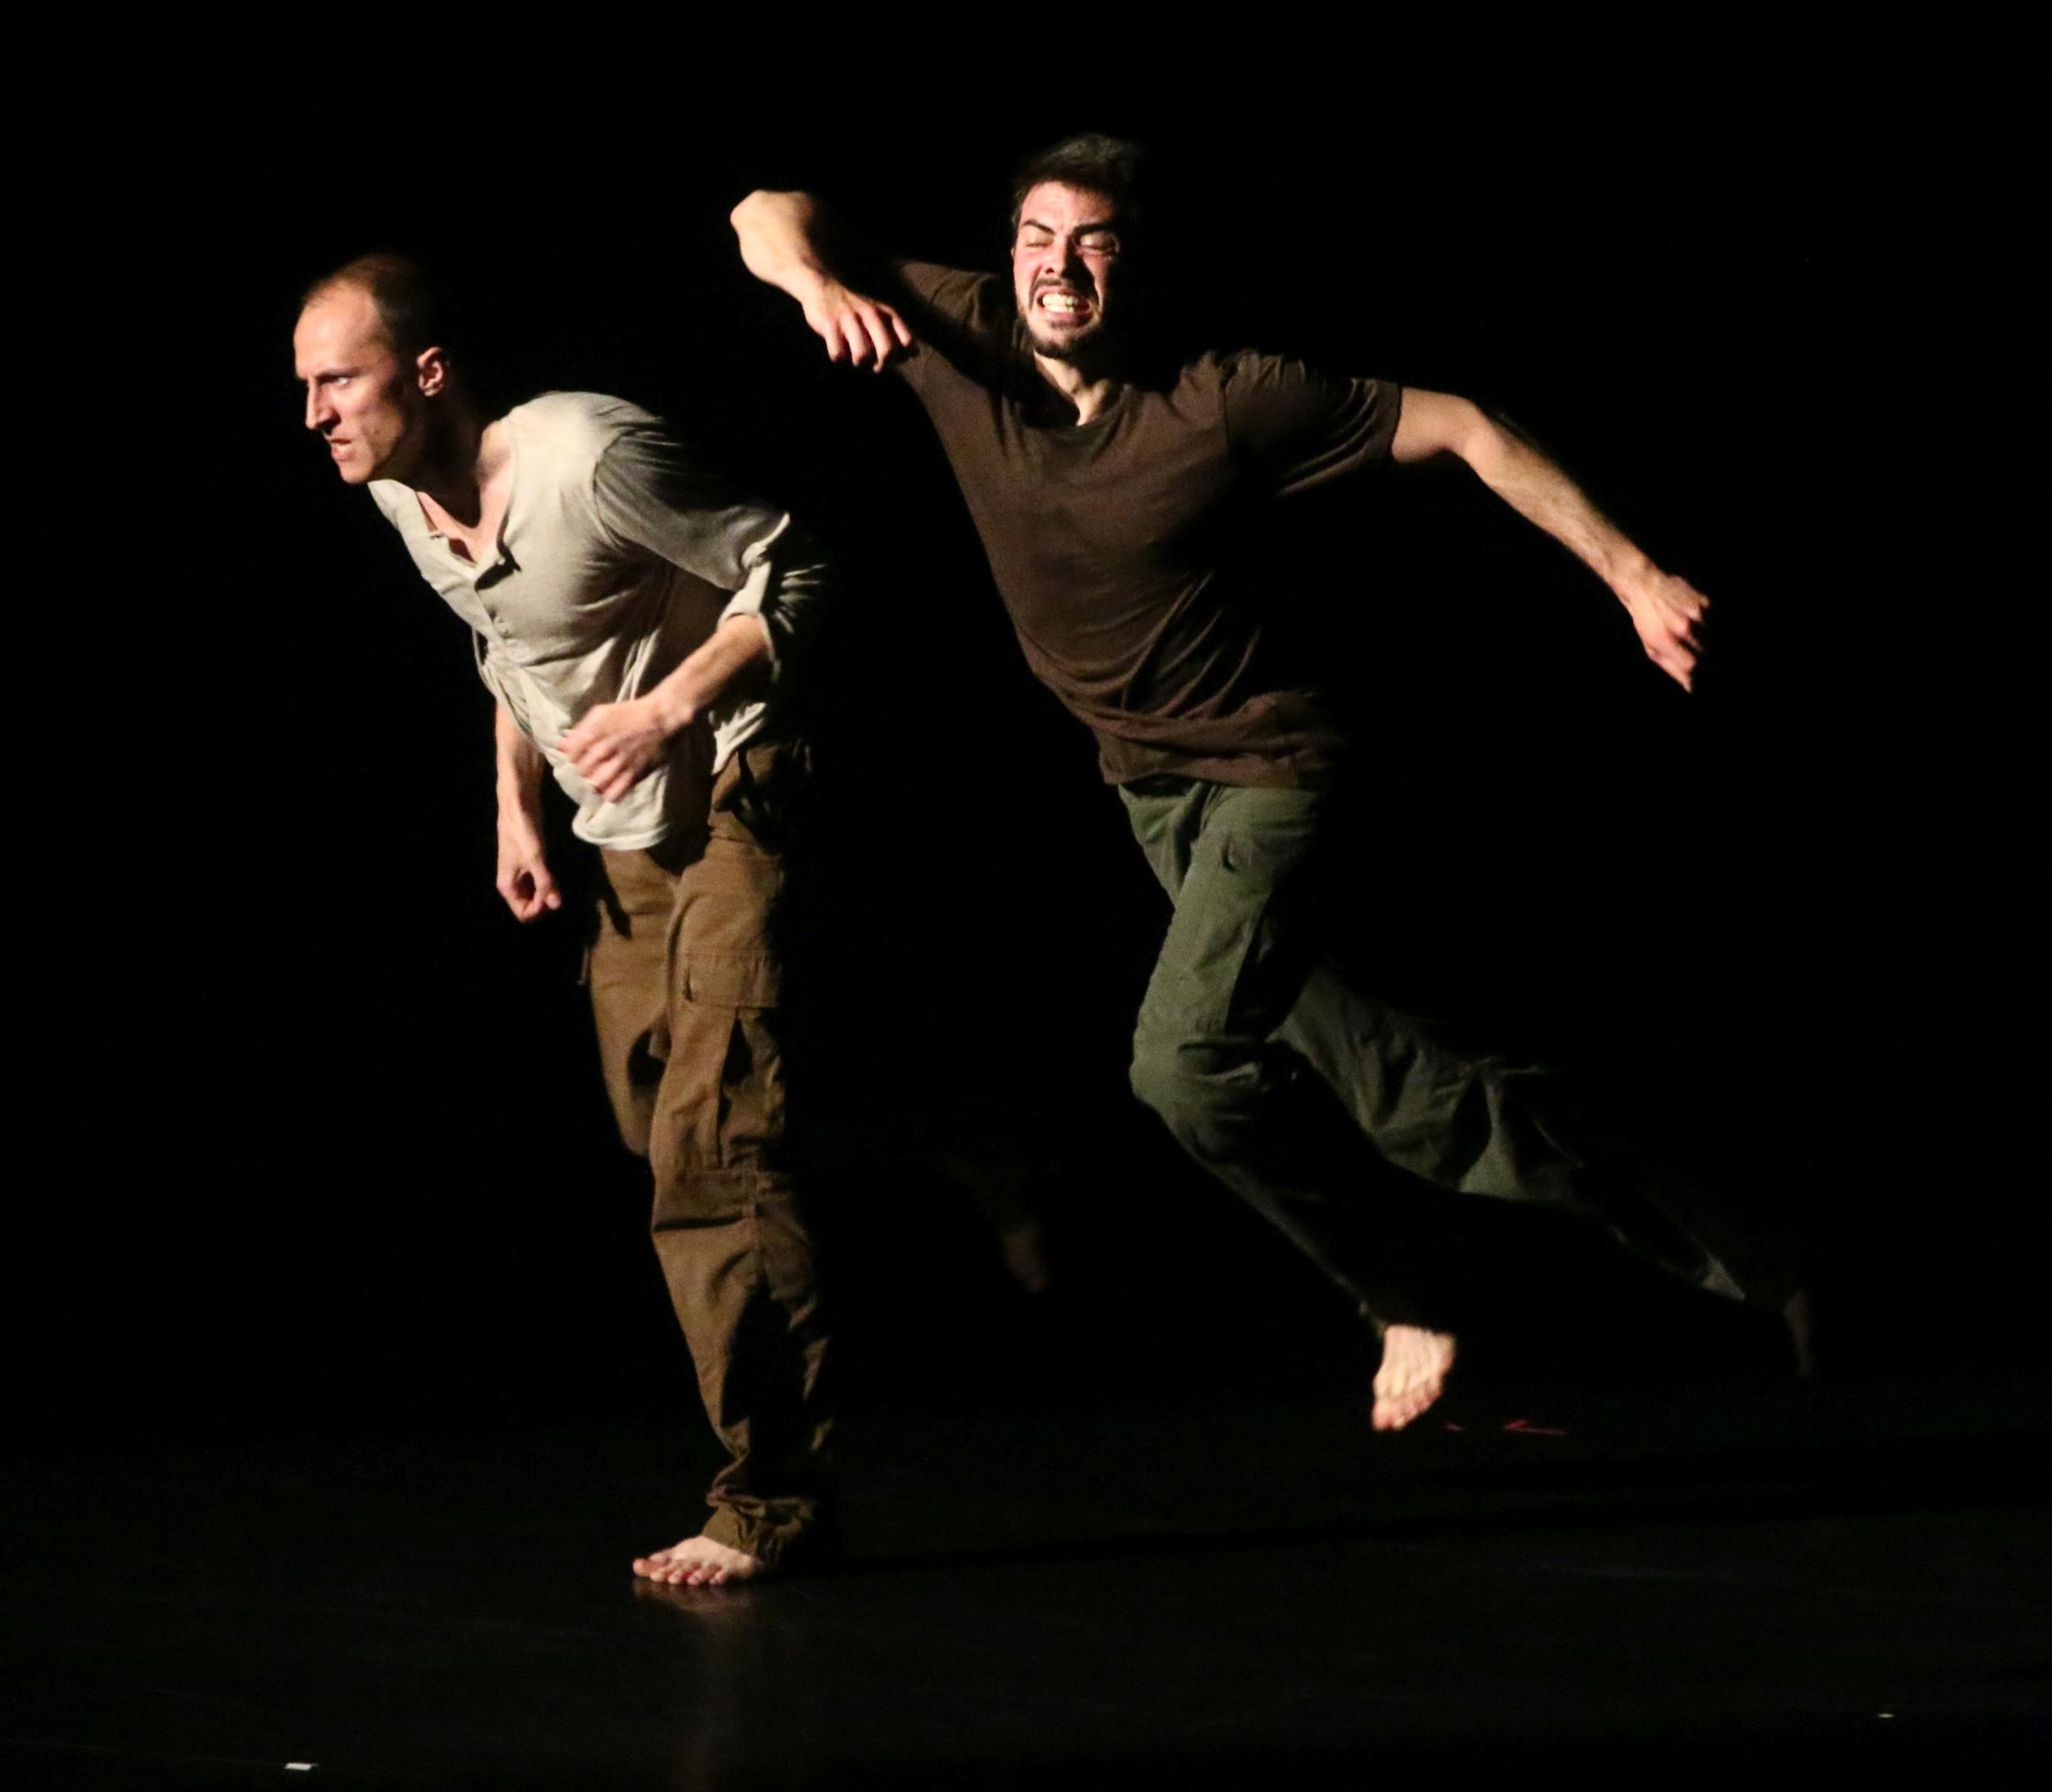 Gauthier Dance, Dance Company Theaterhaus Stuttgart Produktionspreis  Becoming, Matthias Kass & Clément Bugnon3.jpg